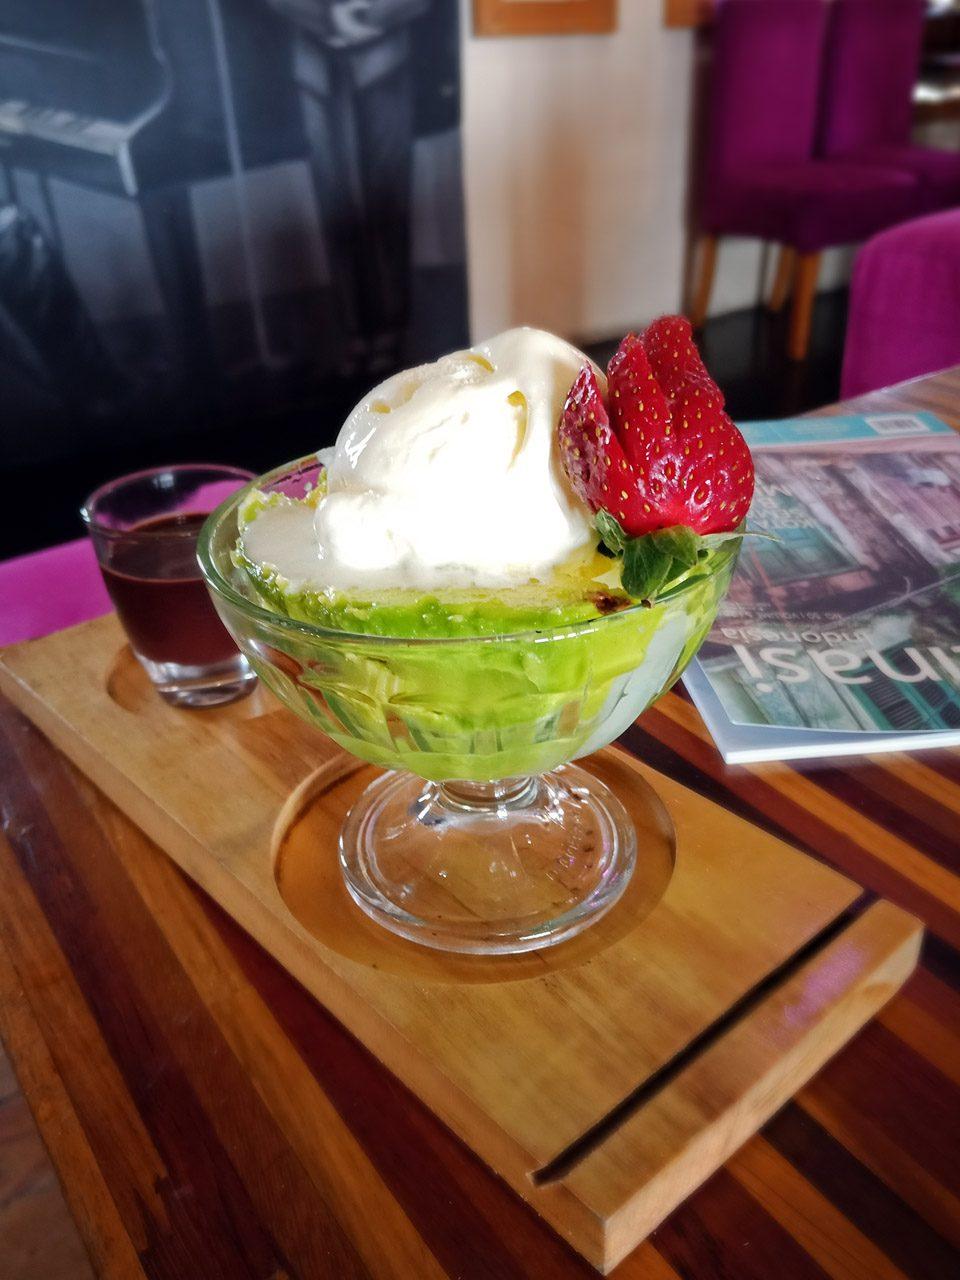 Avocachocolato - Cafe De Rosse - tempat makan enak di bandar lampung - yopie pangkey - 3